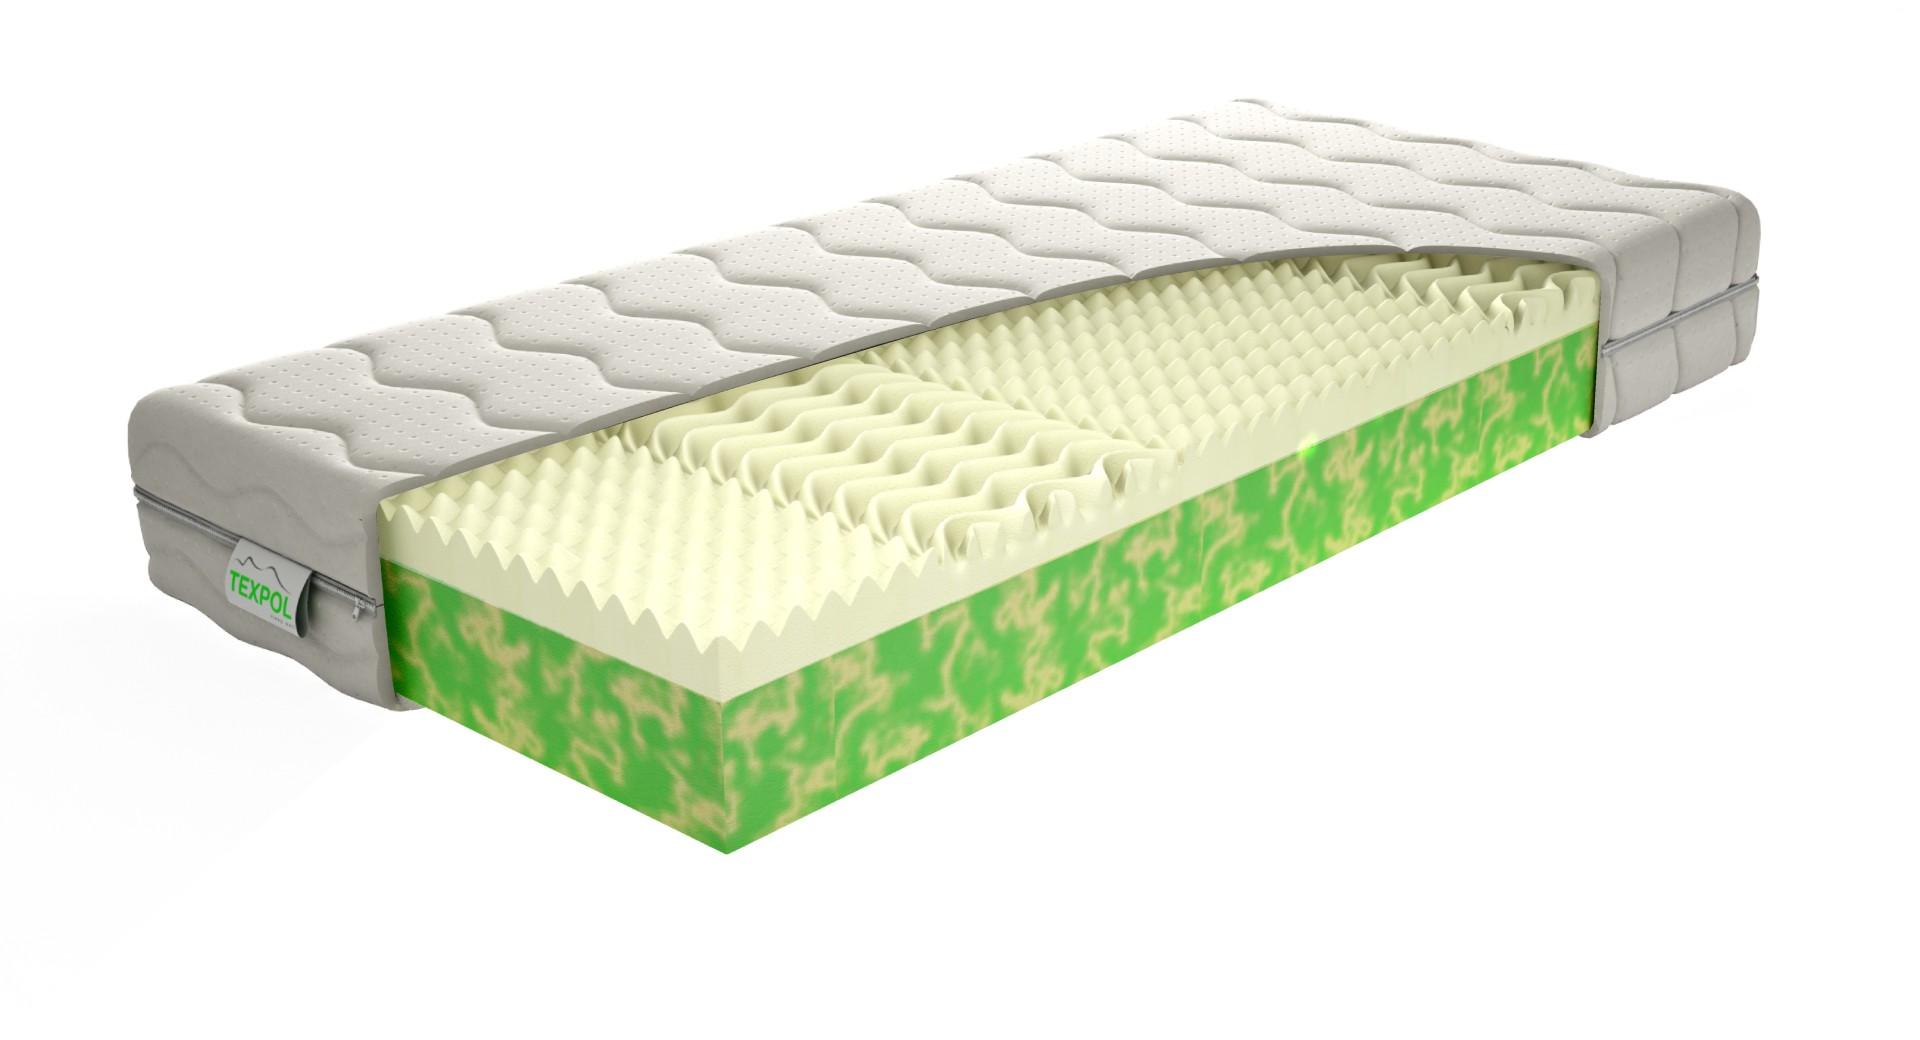 Texpol LYRA BIO - zdravotný matrac s vysokou životnosťou a s poťahom Aloe Vera, snímateľný poťah